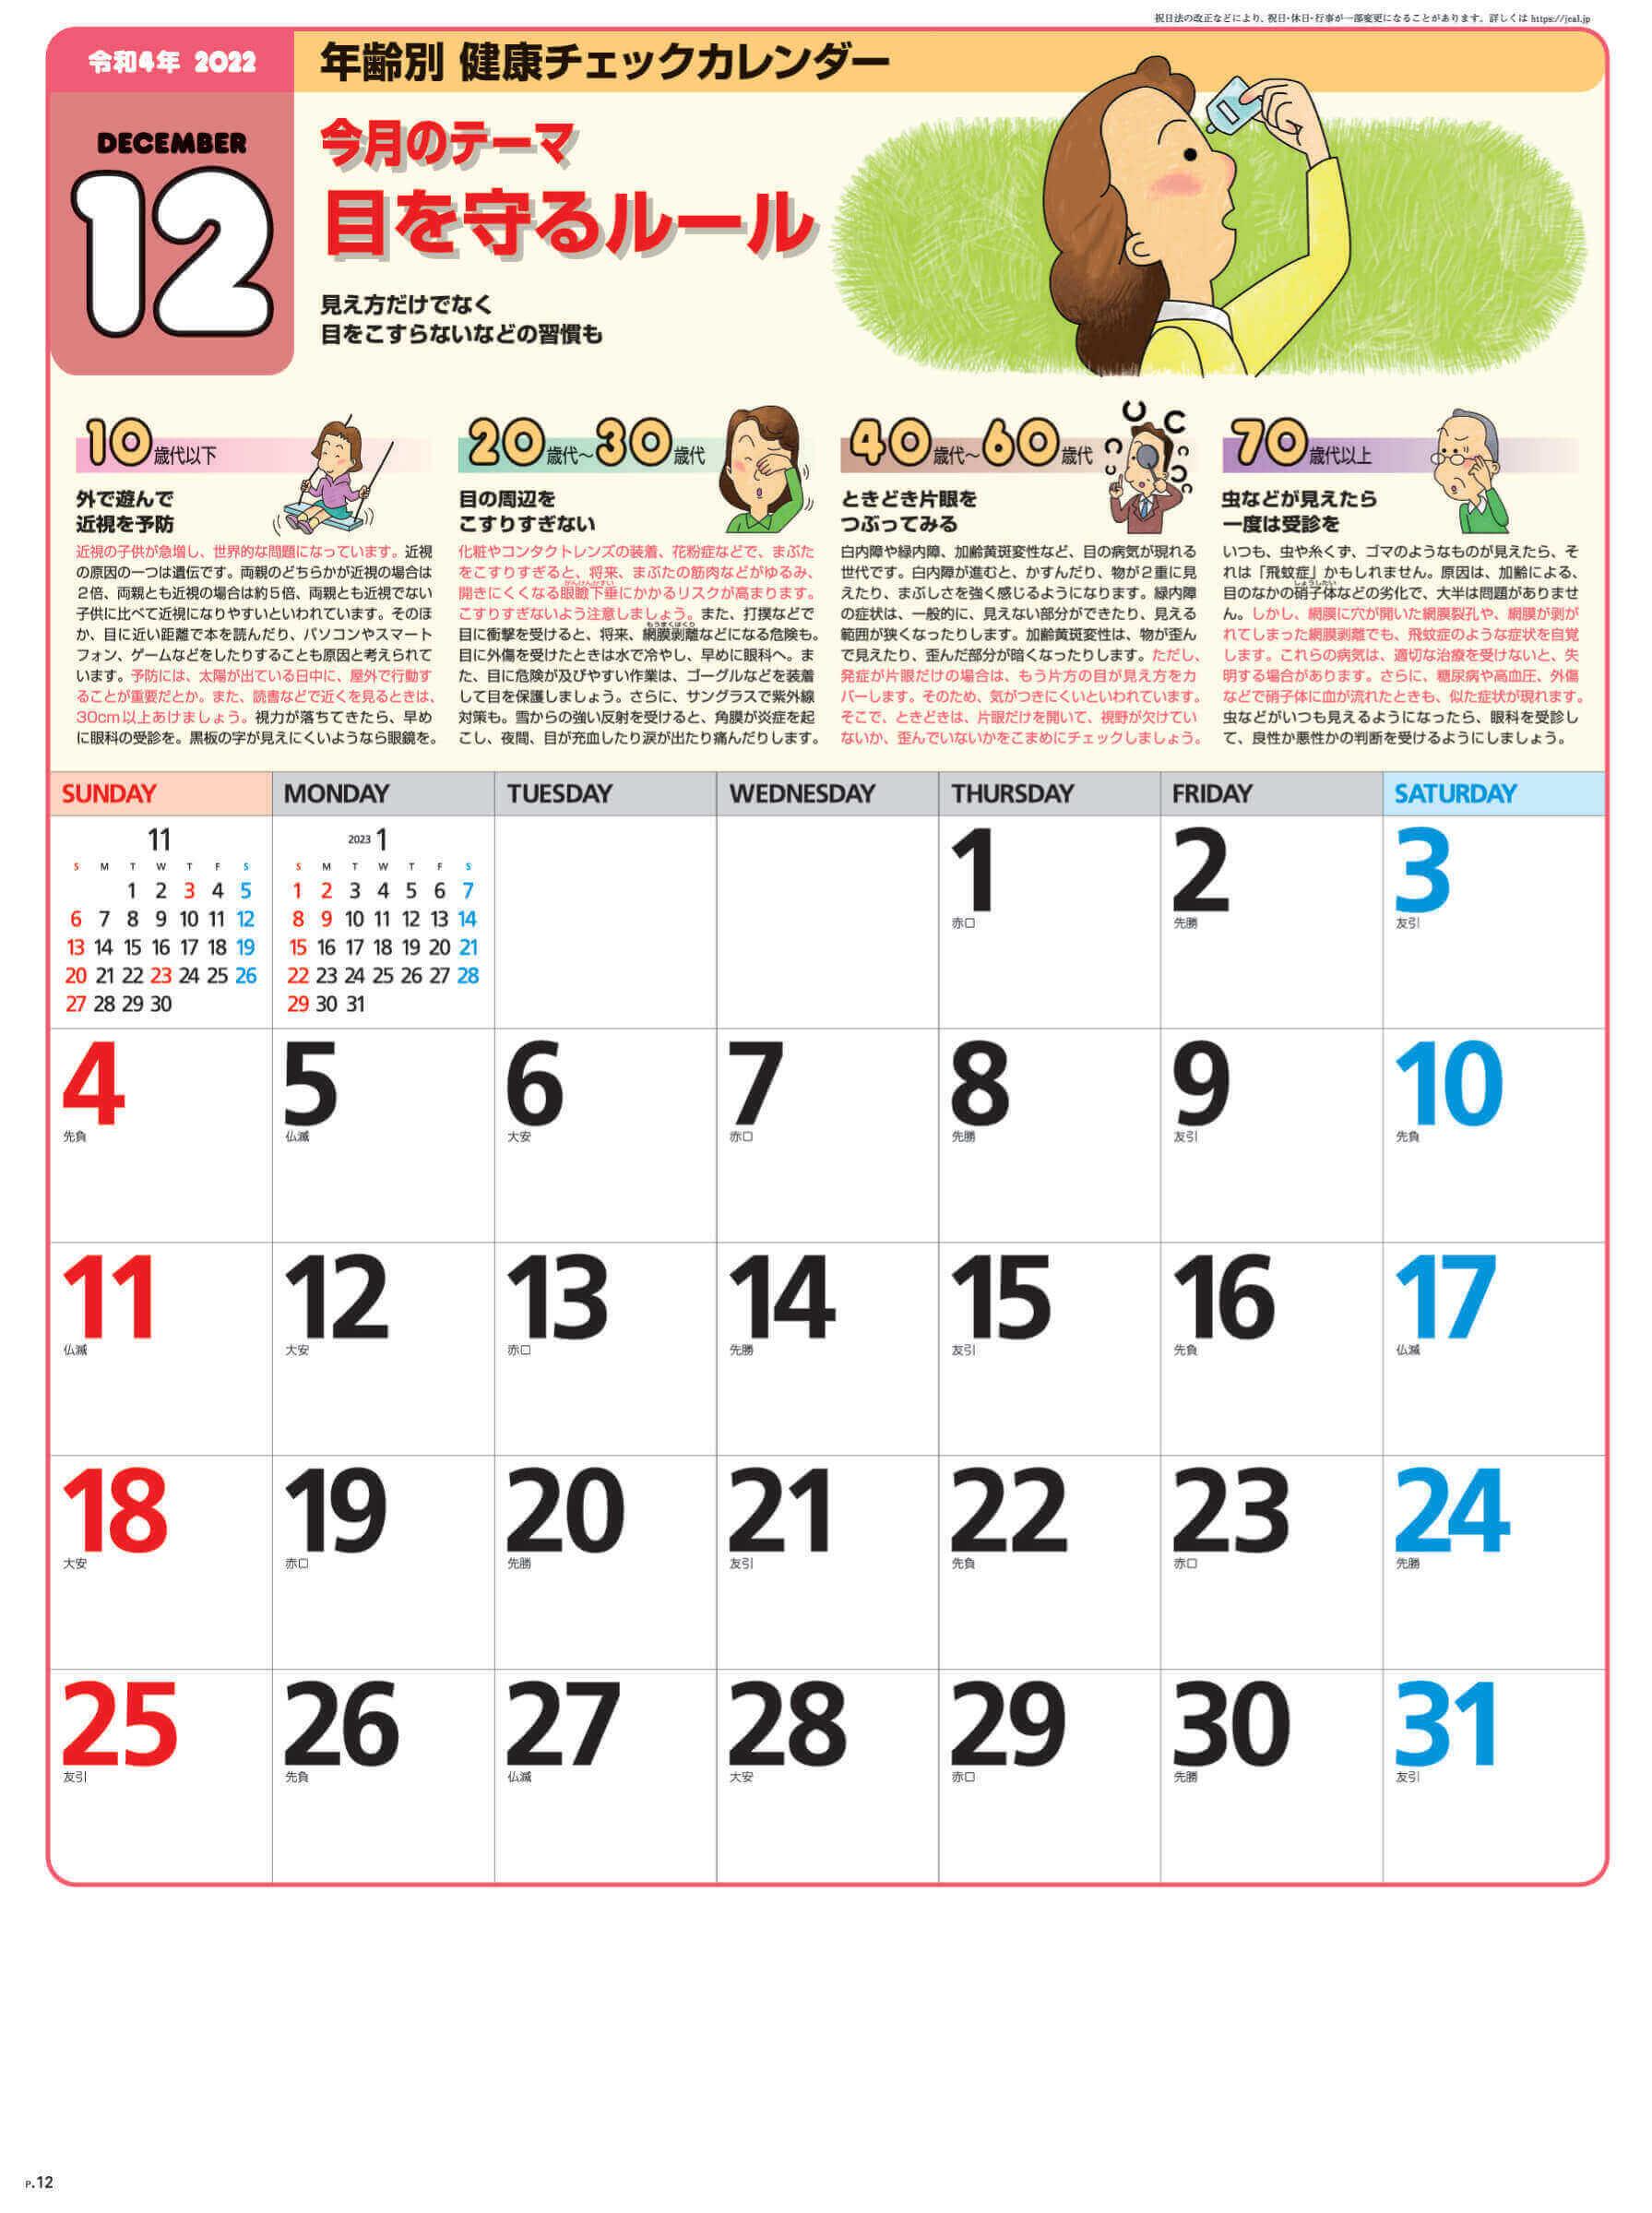 12月 目を守るルール 年齢別健康チェック 2022年カレンダーの画像